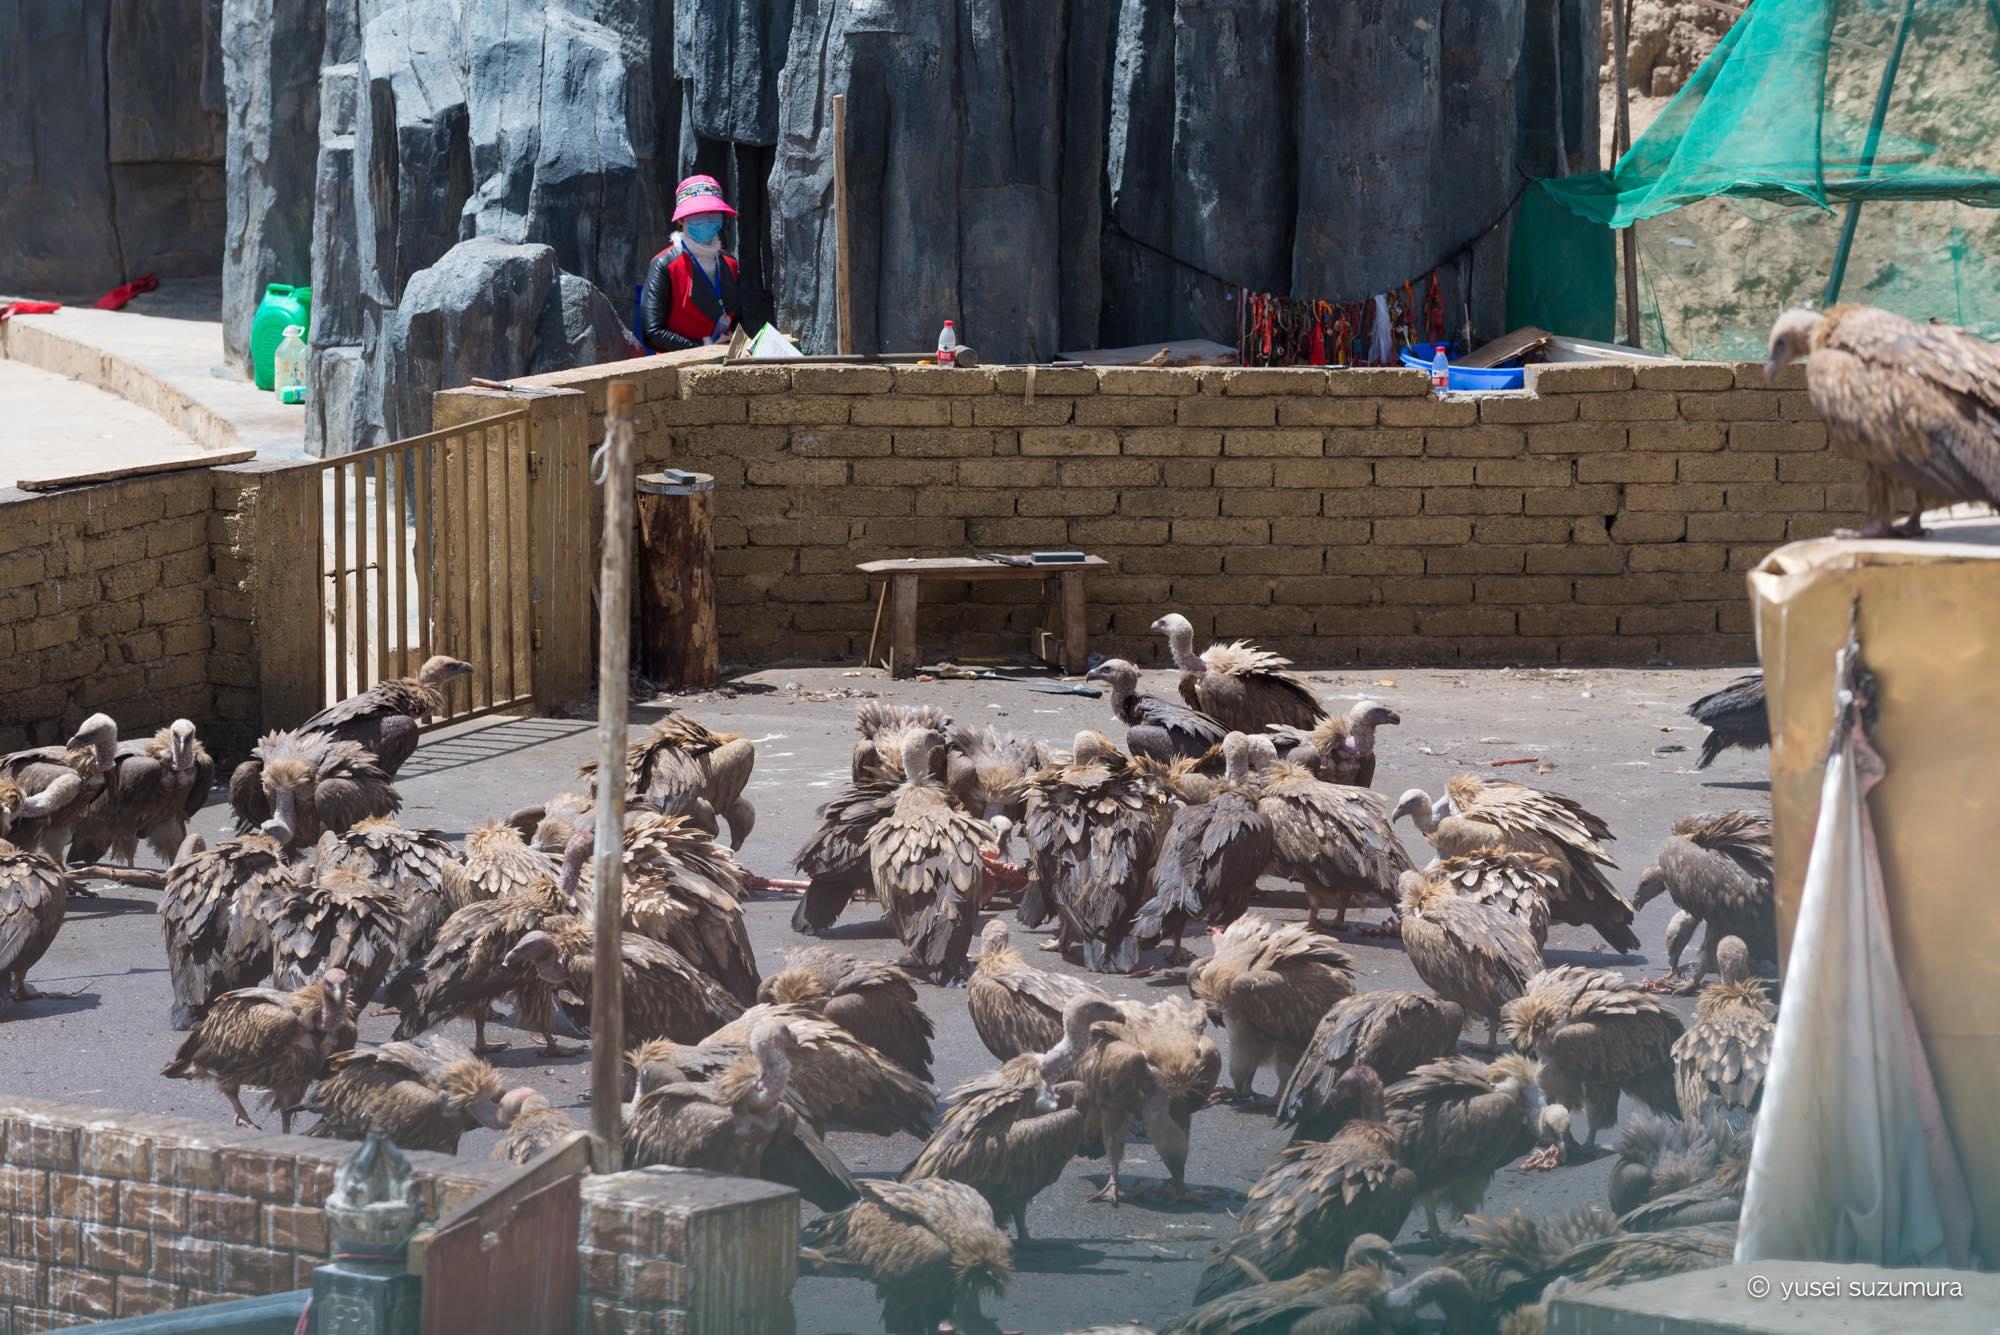 鳥葬 ラルンガルゴンパ